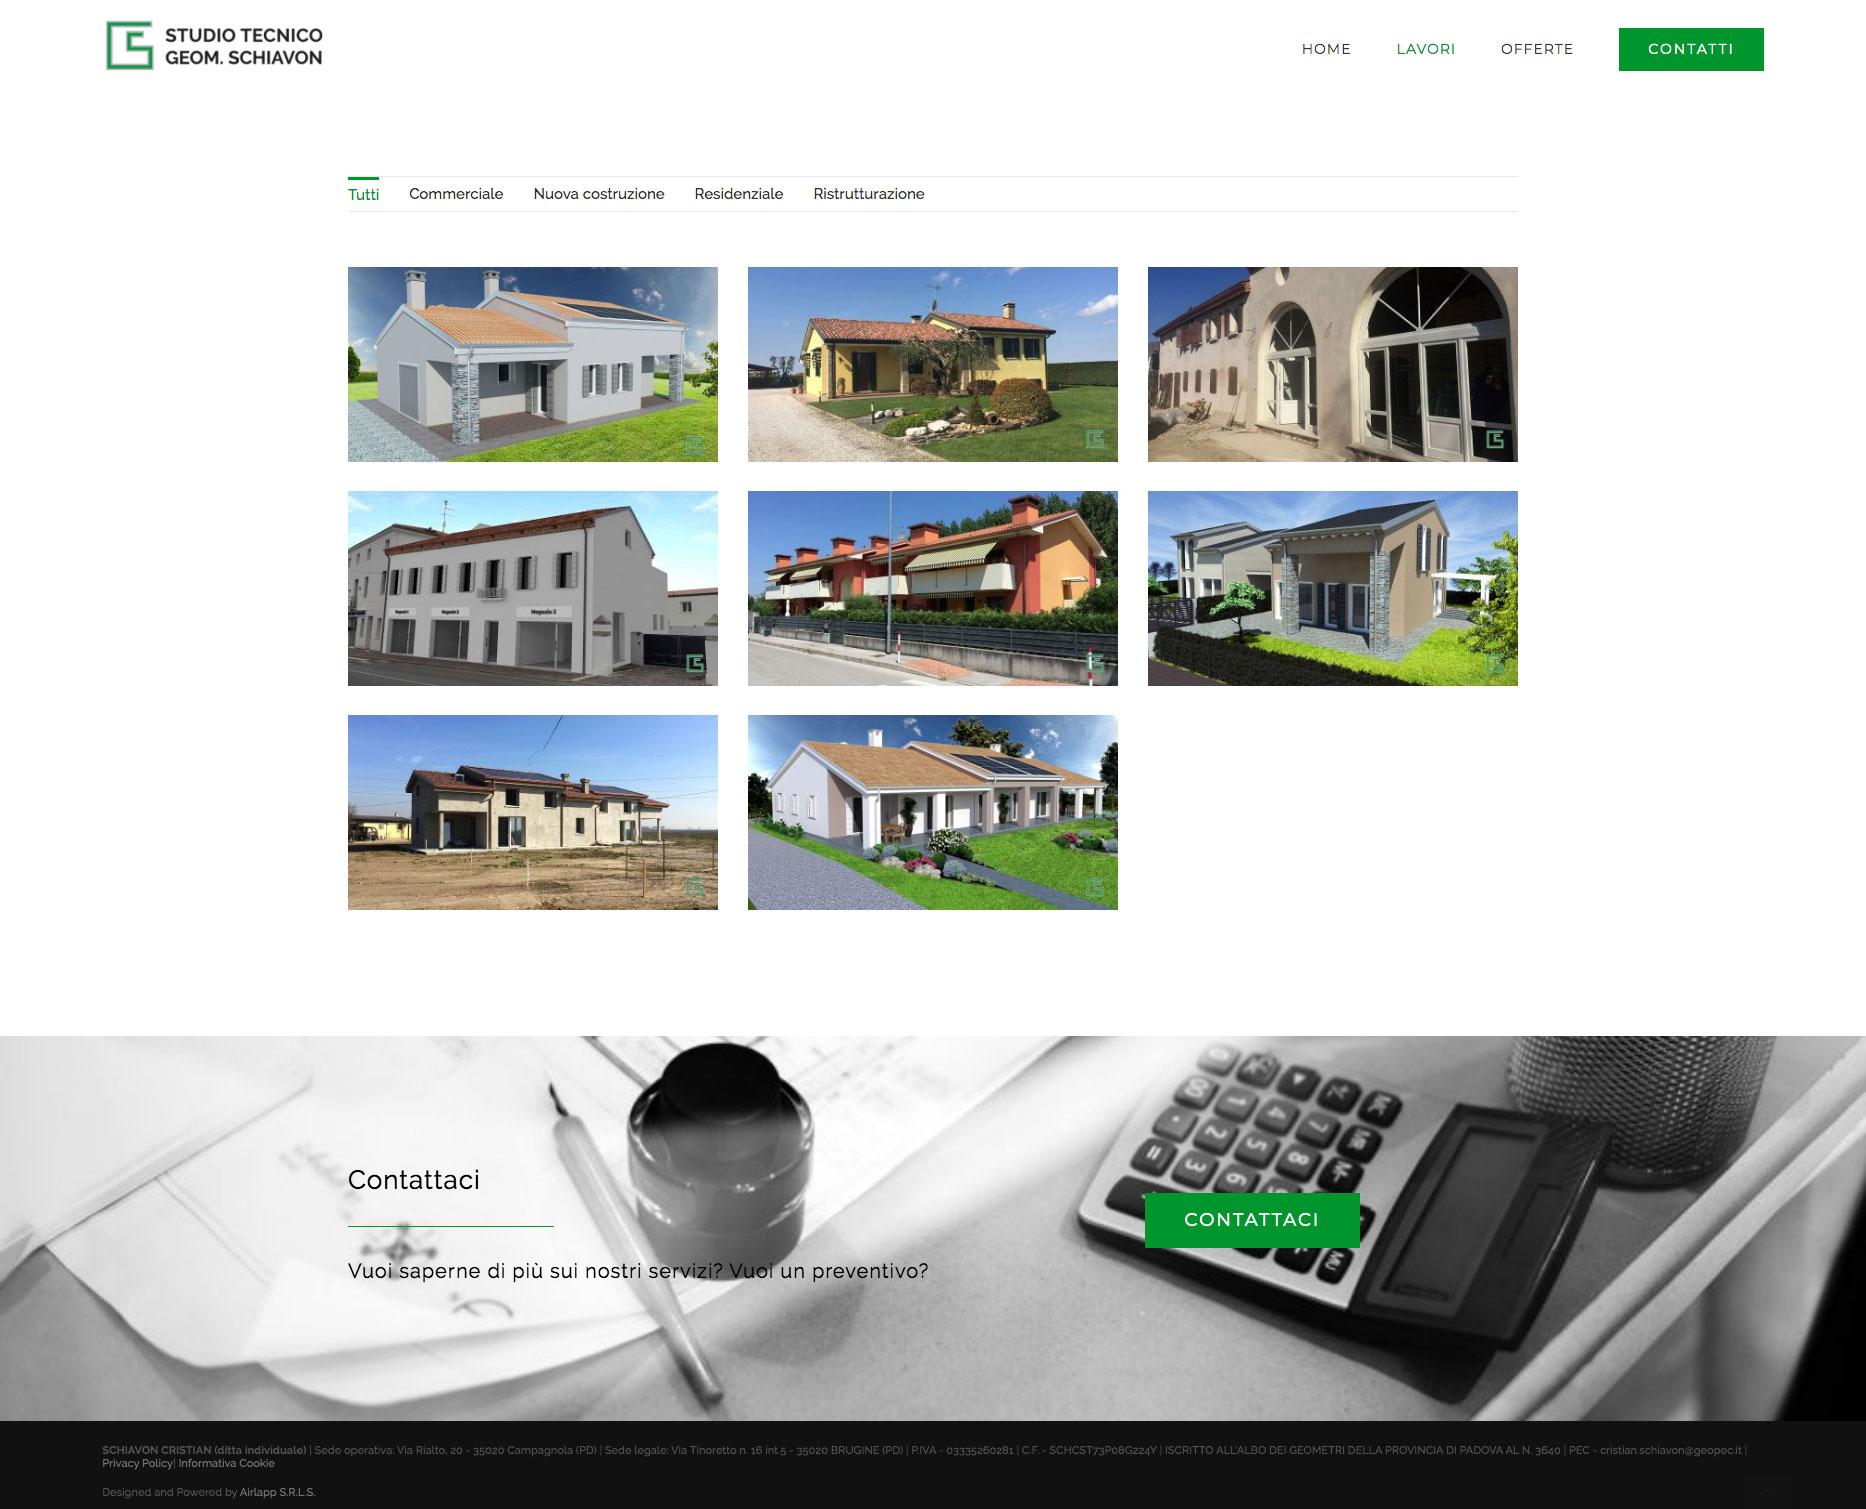 Portfolio page website Studio Tecnico Schiavon